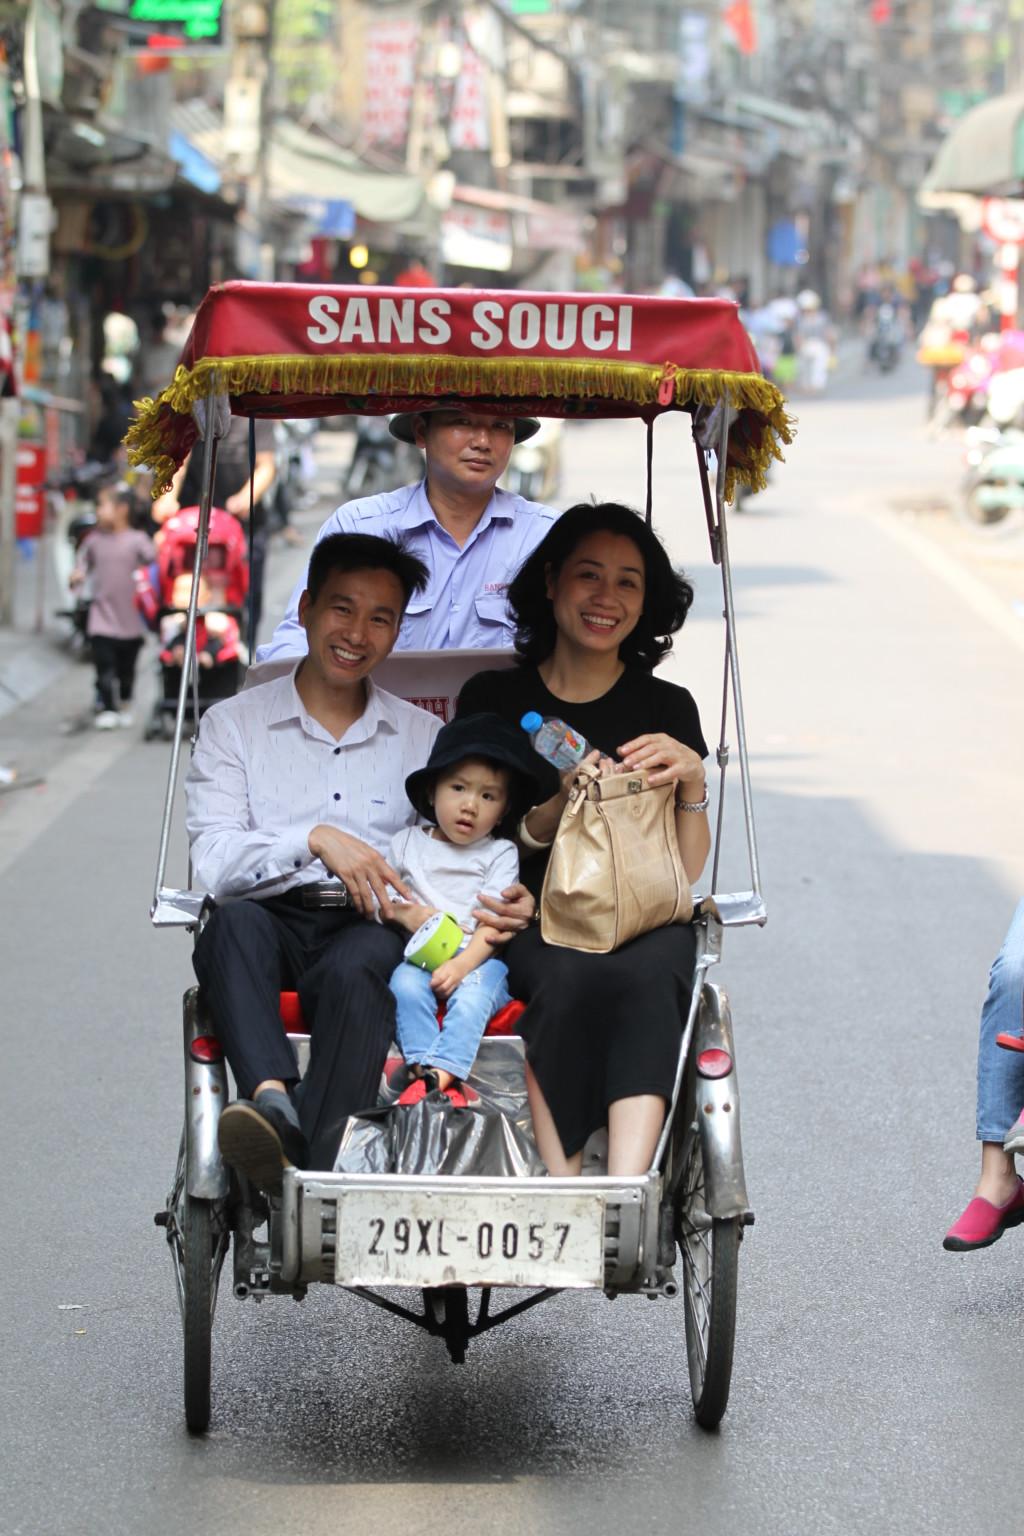 ベトナムが裕福になり、ベトナム旅行客も増えた